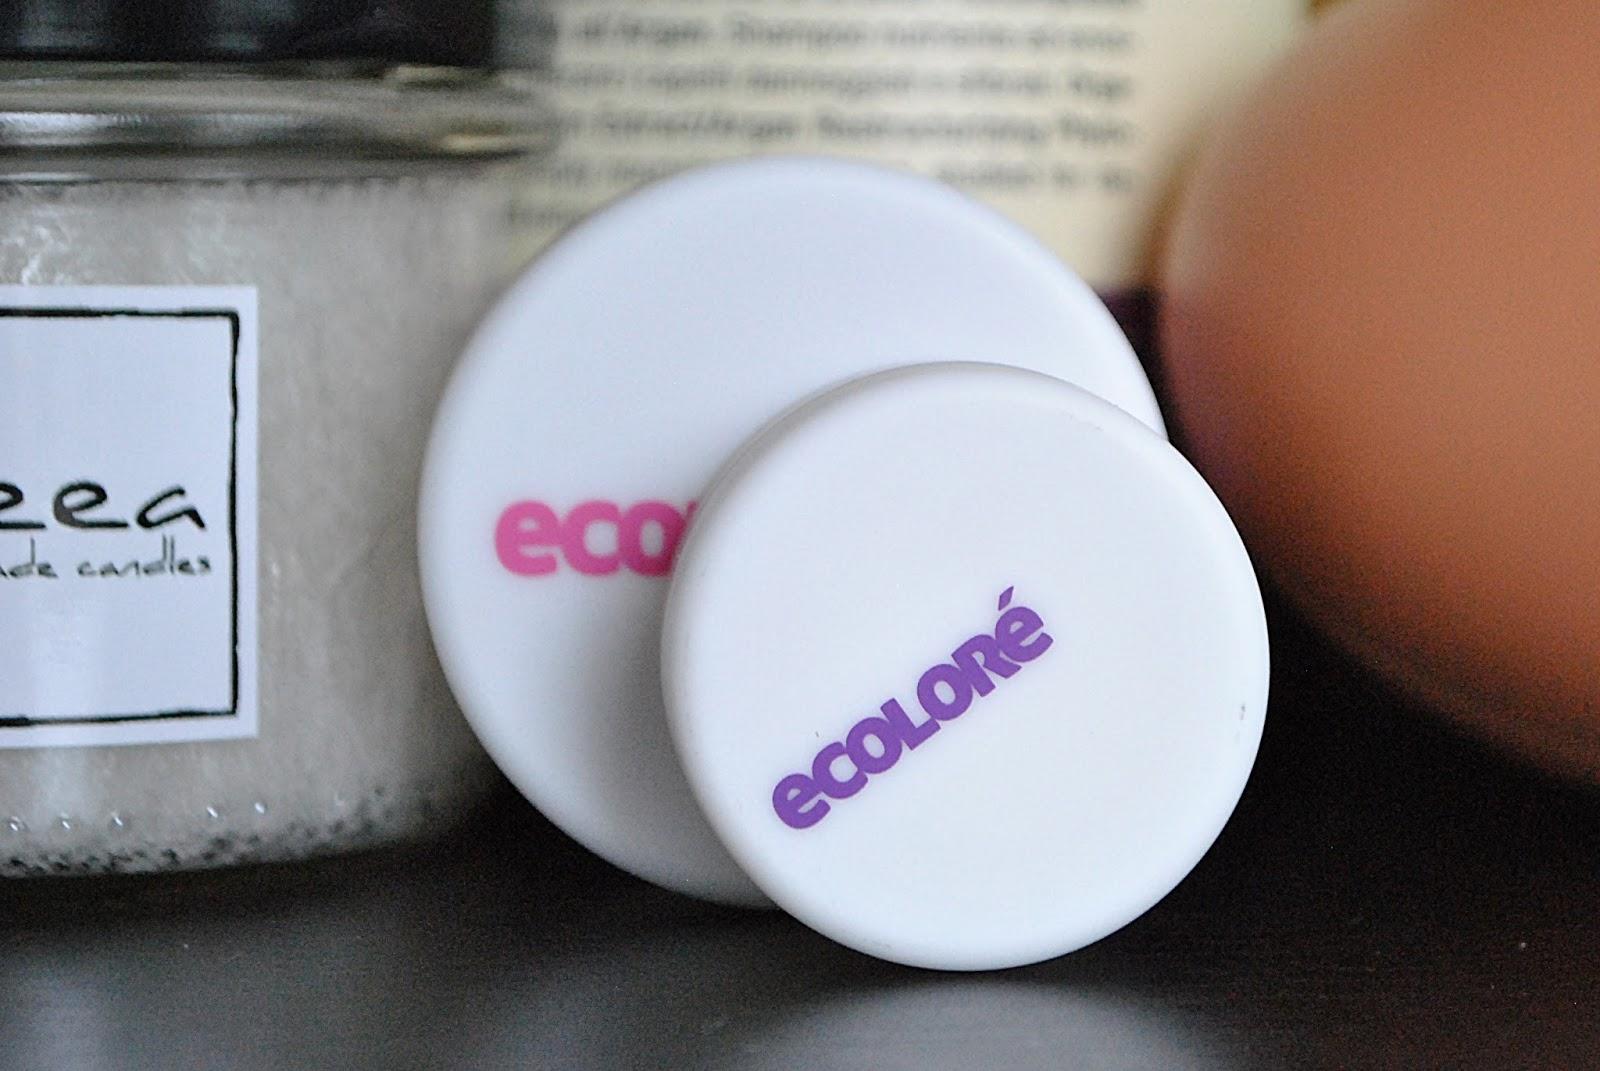 Ecolore mineralny cień do oczu oraz mineralny bronzer